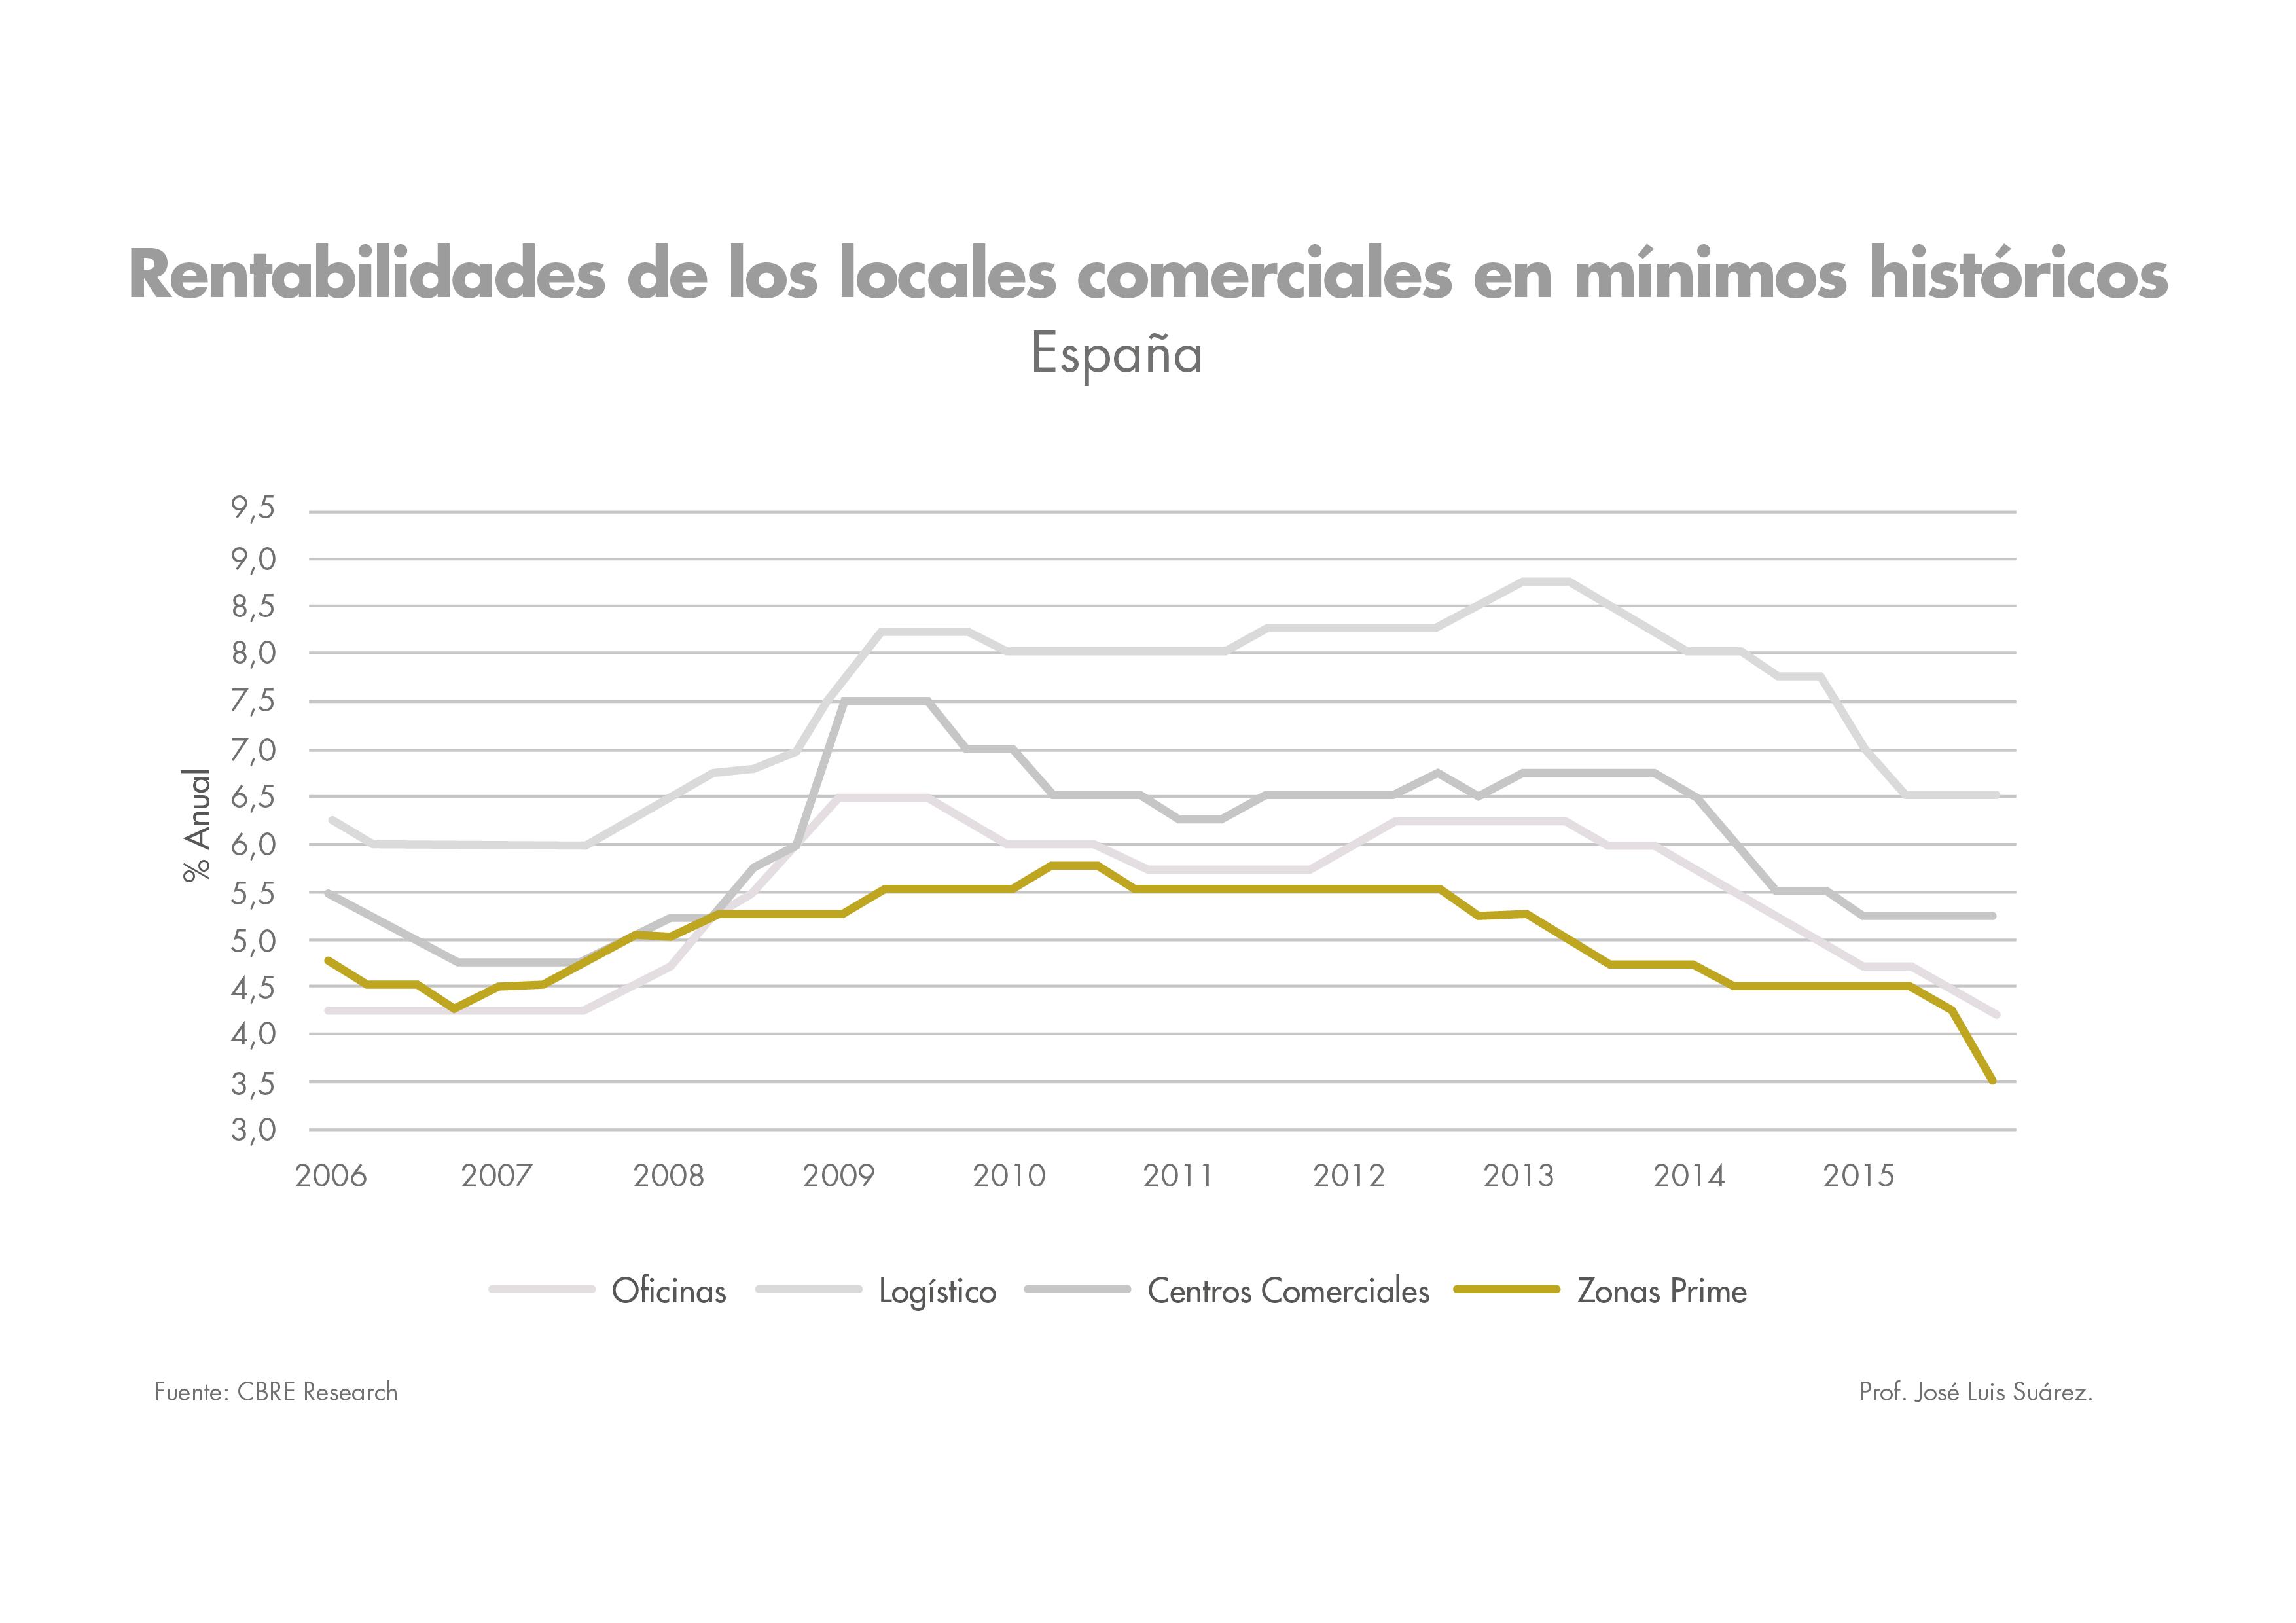 rentabilidad de los locales comerciales en zona prime